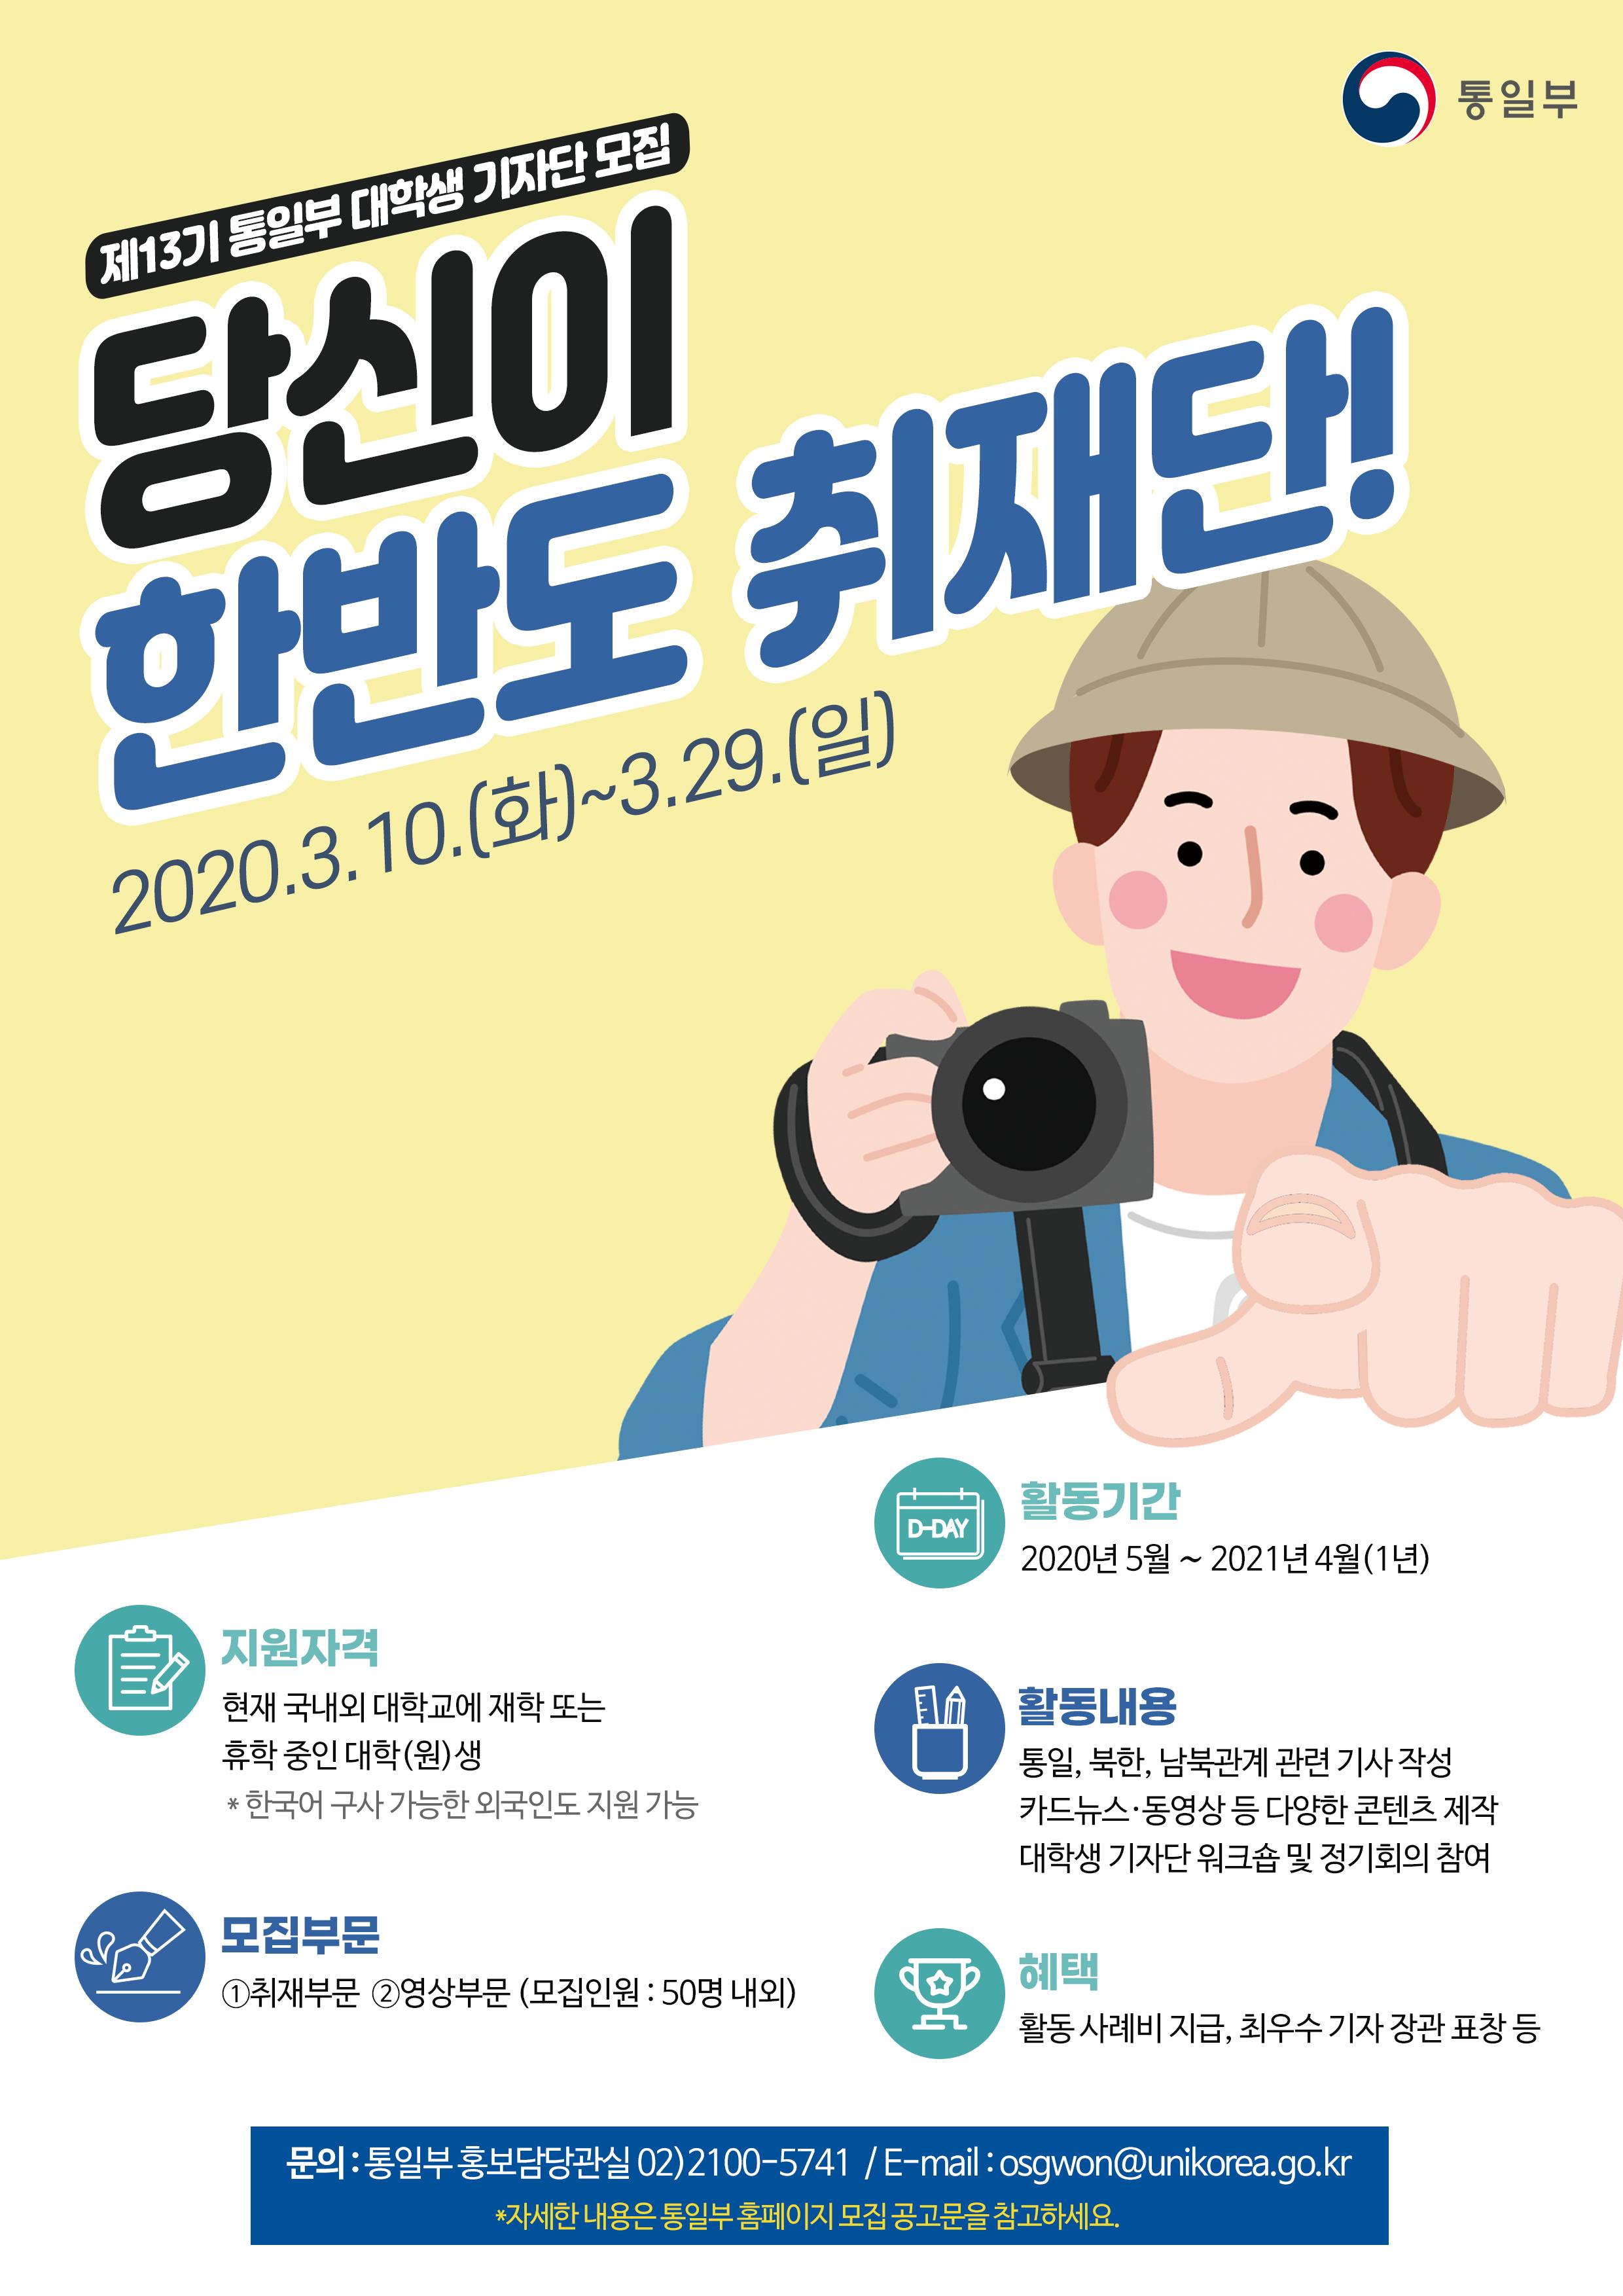 제13기 통일부 대학생 기자단(유니콘) 모집 공고 포스터